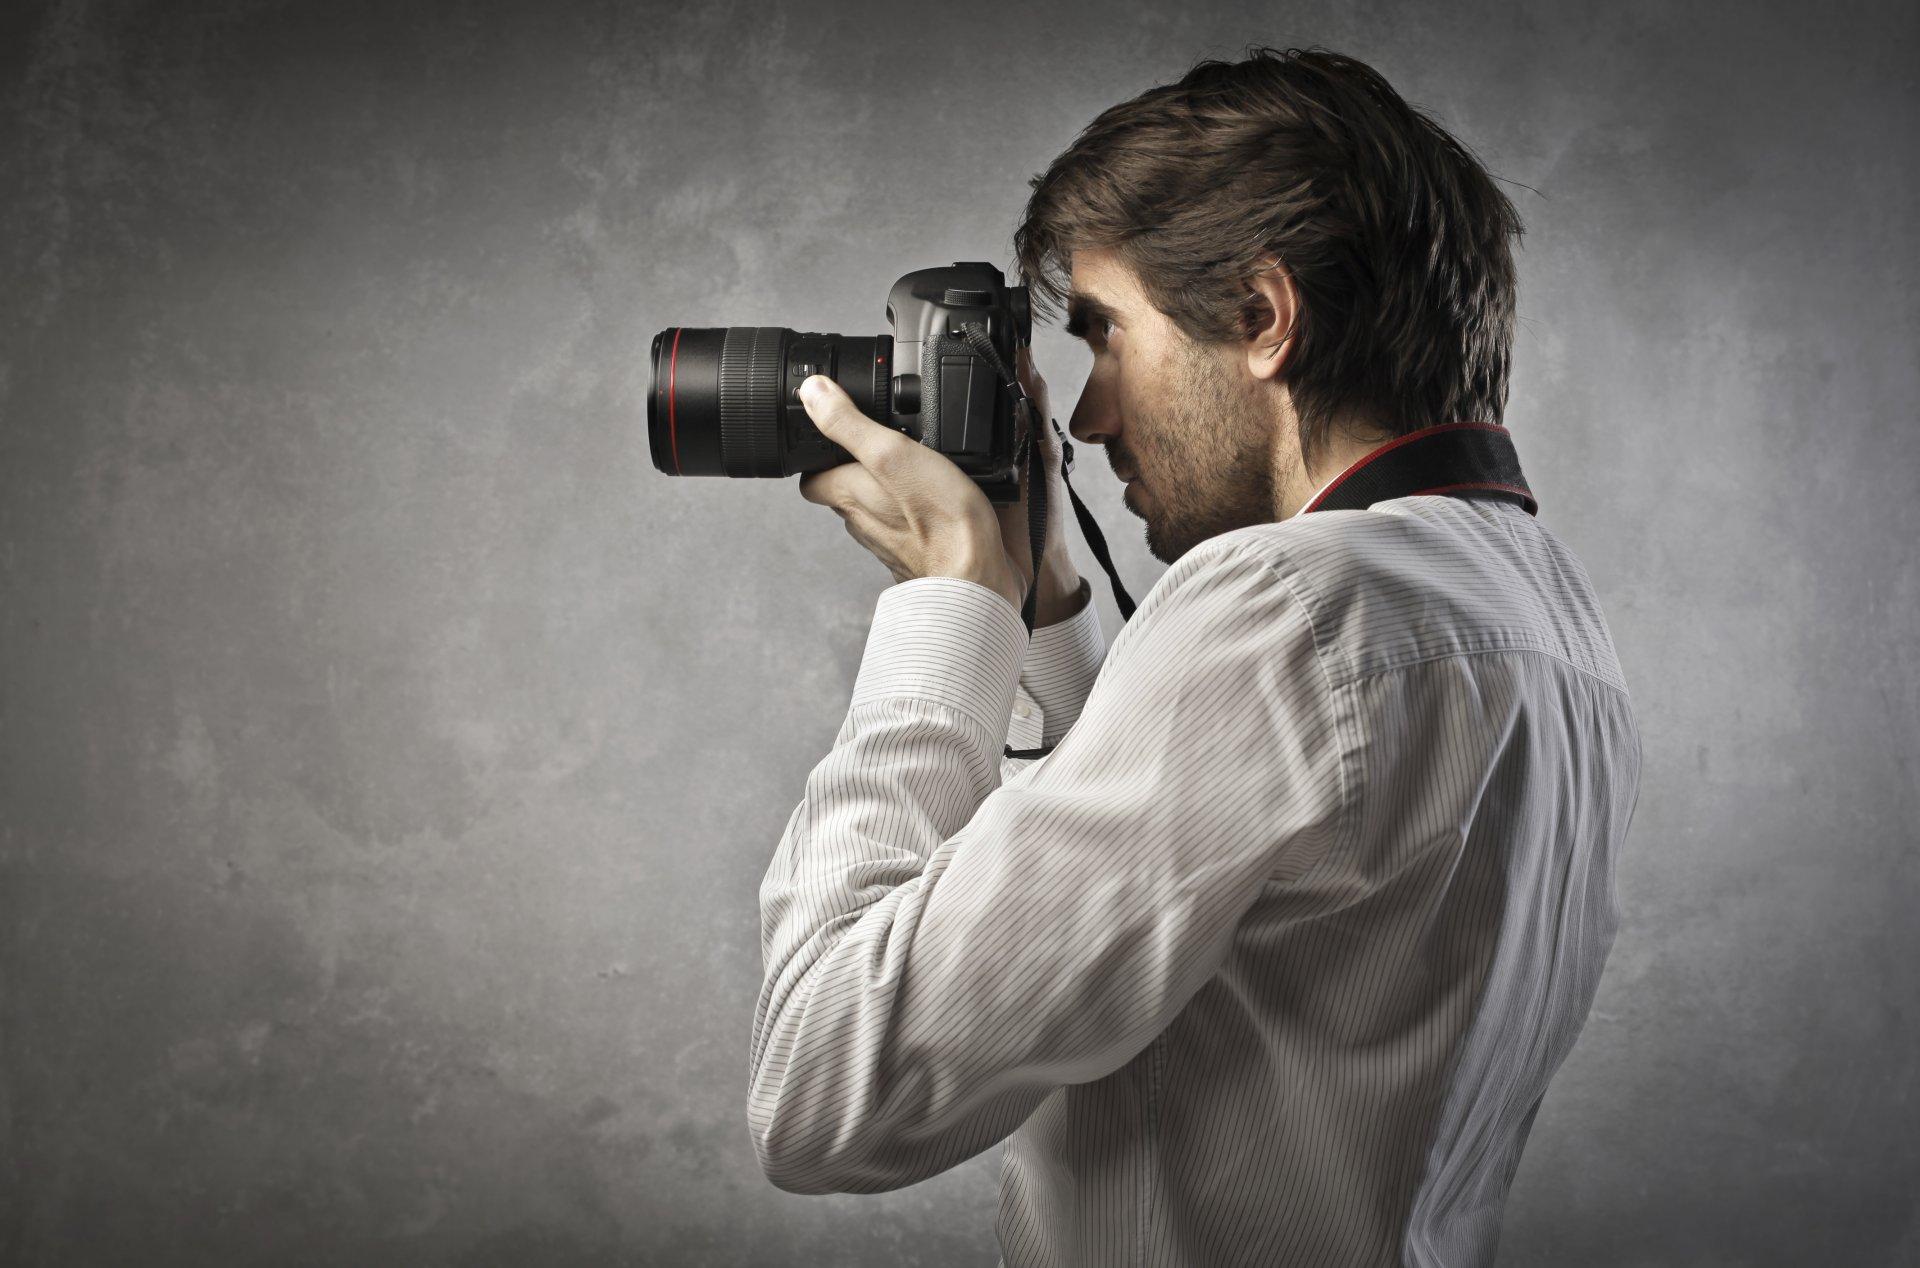 хочу сменить профессию на фотографа лучше места